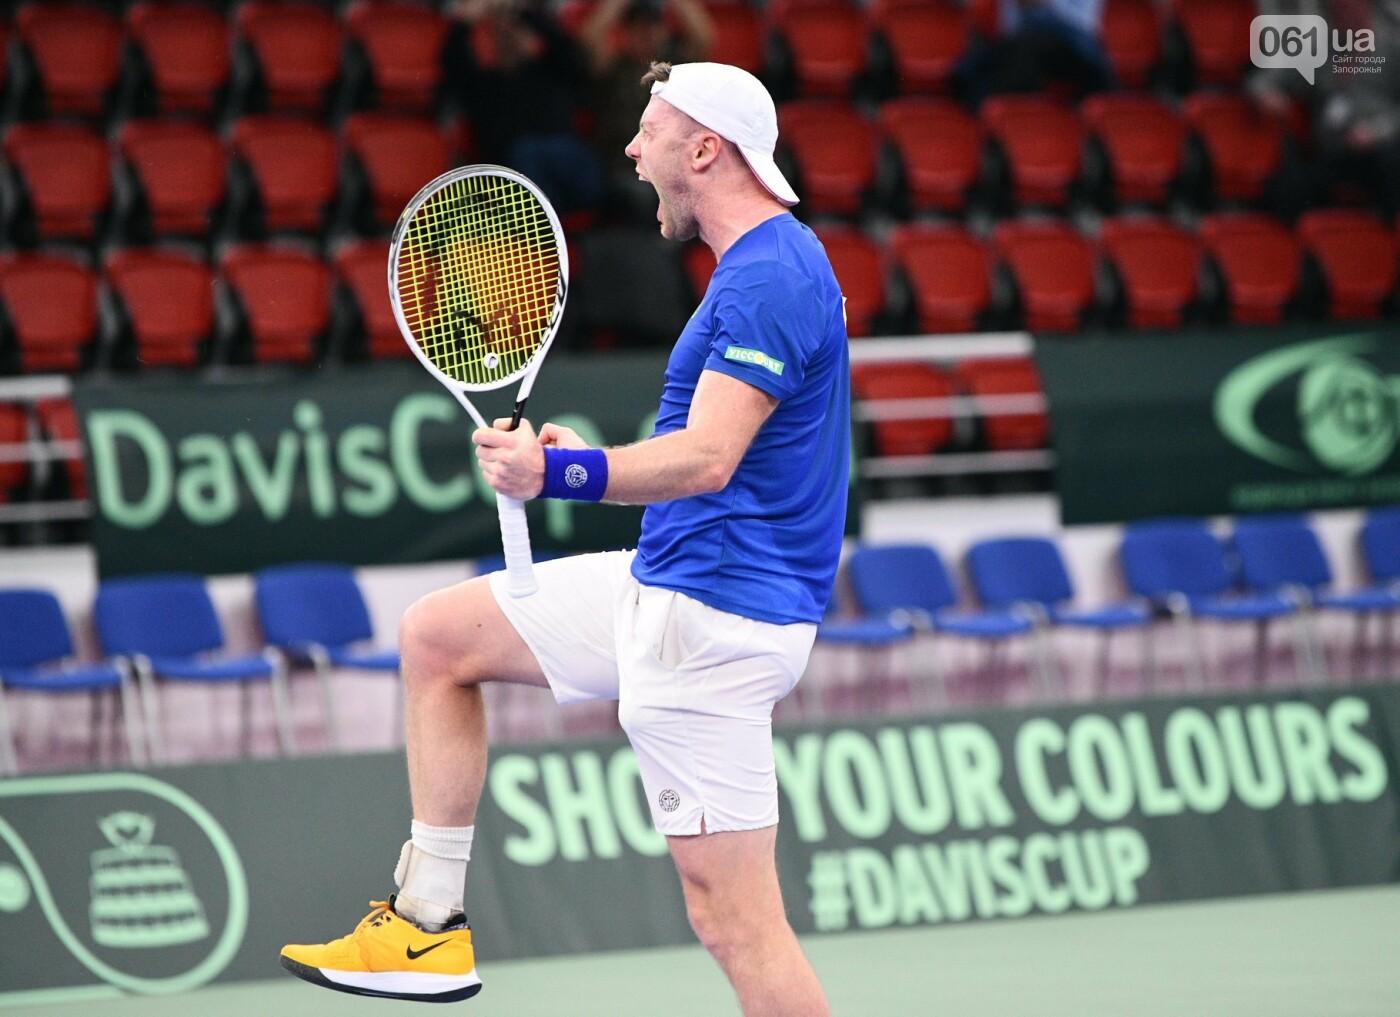 кубок дэвиса по теннису фото